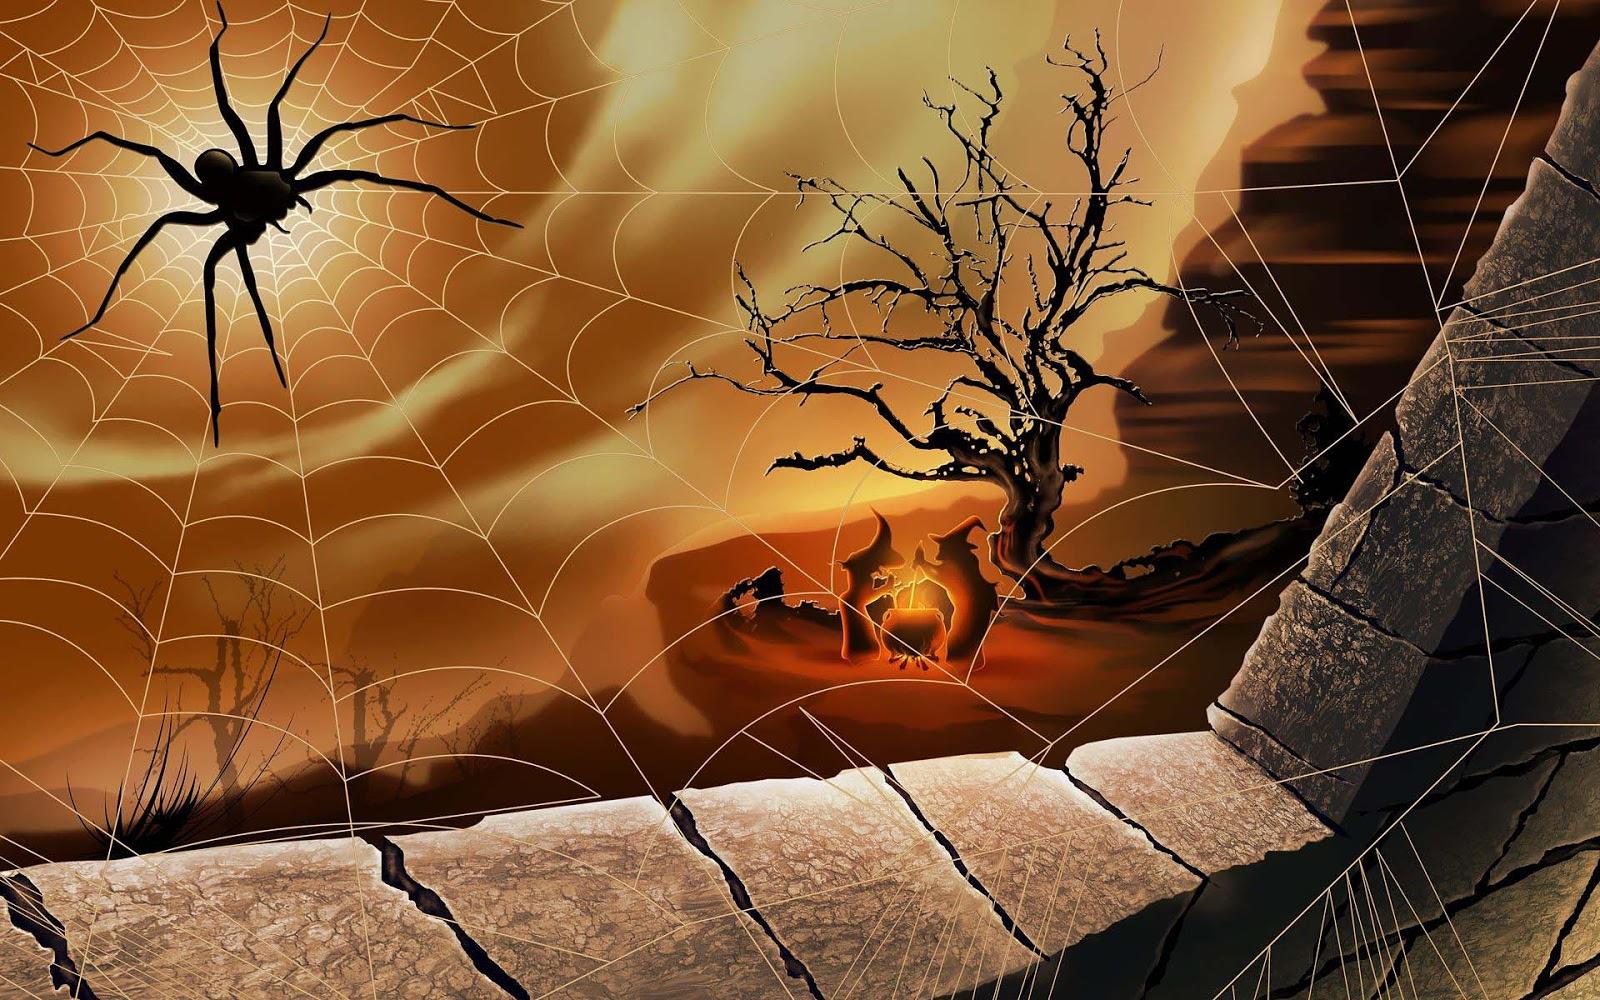 Halloween Achtergrond.Wallpaper 3d Halloween Wallpaper For Mac